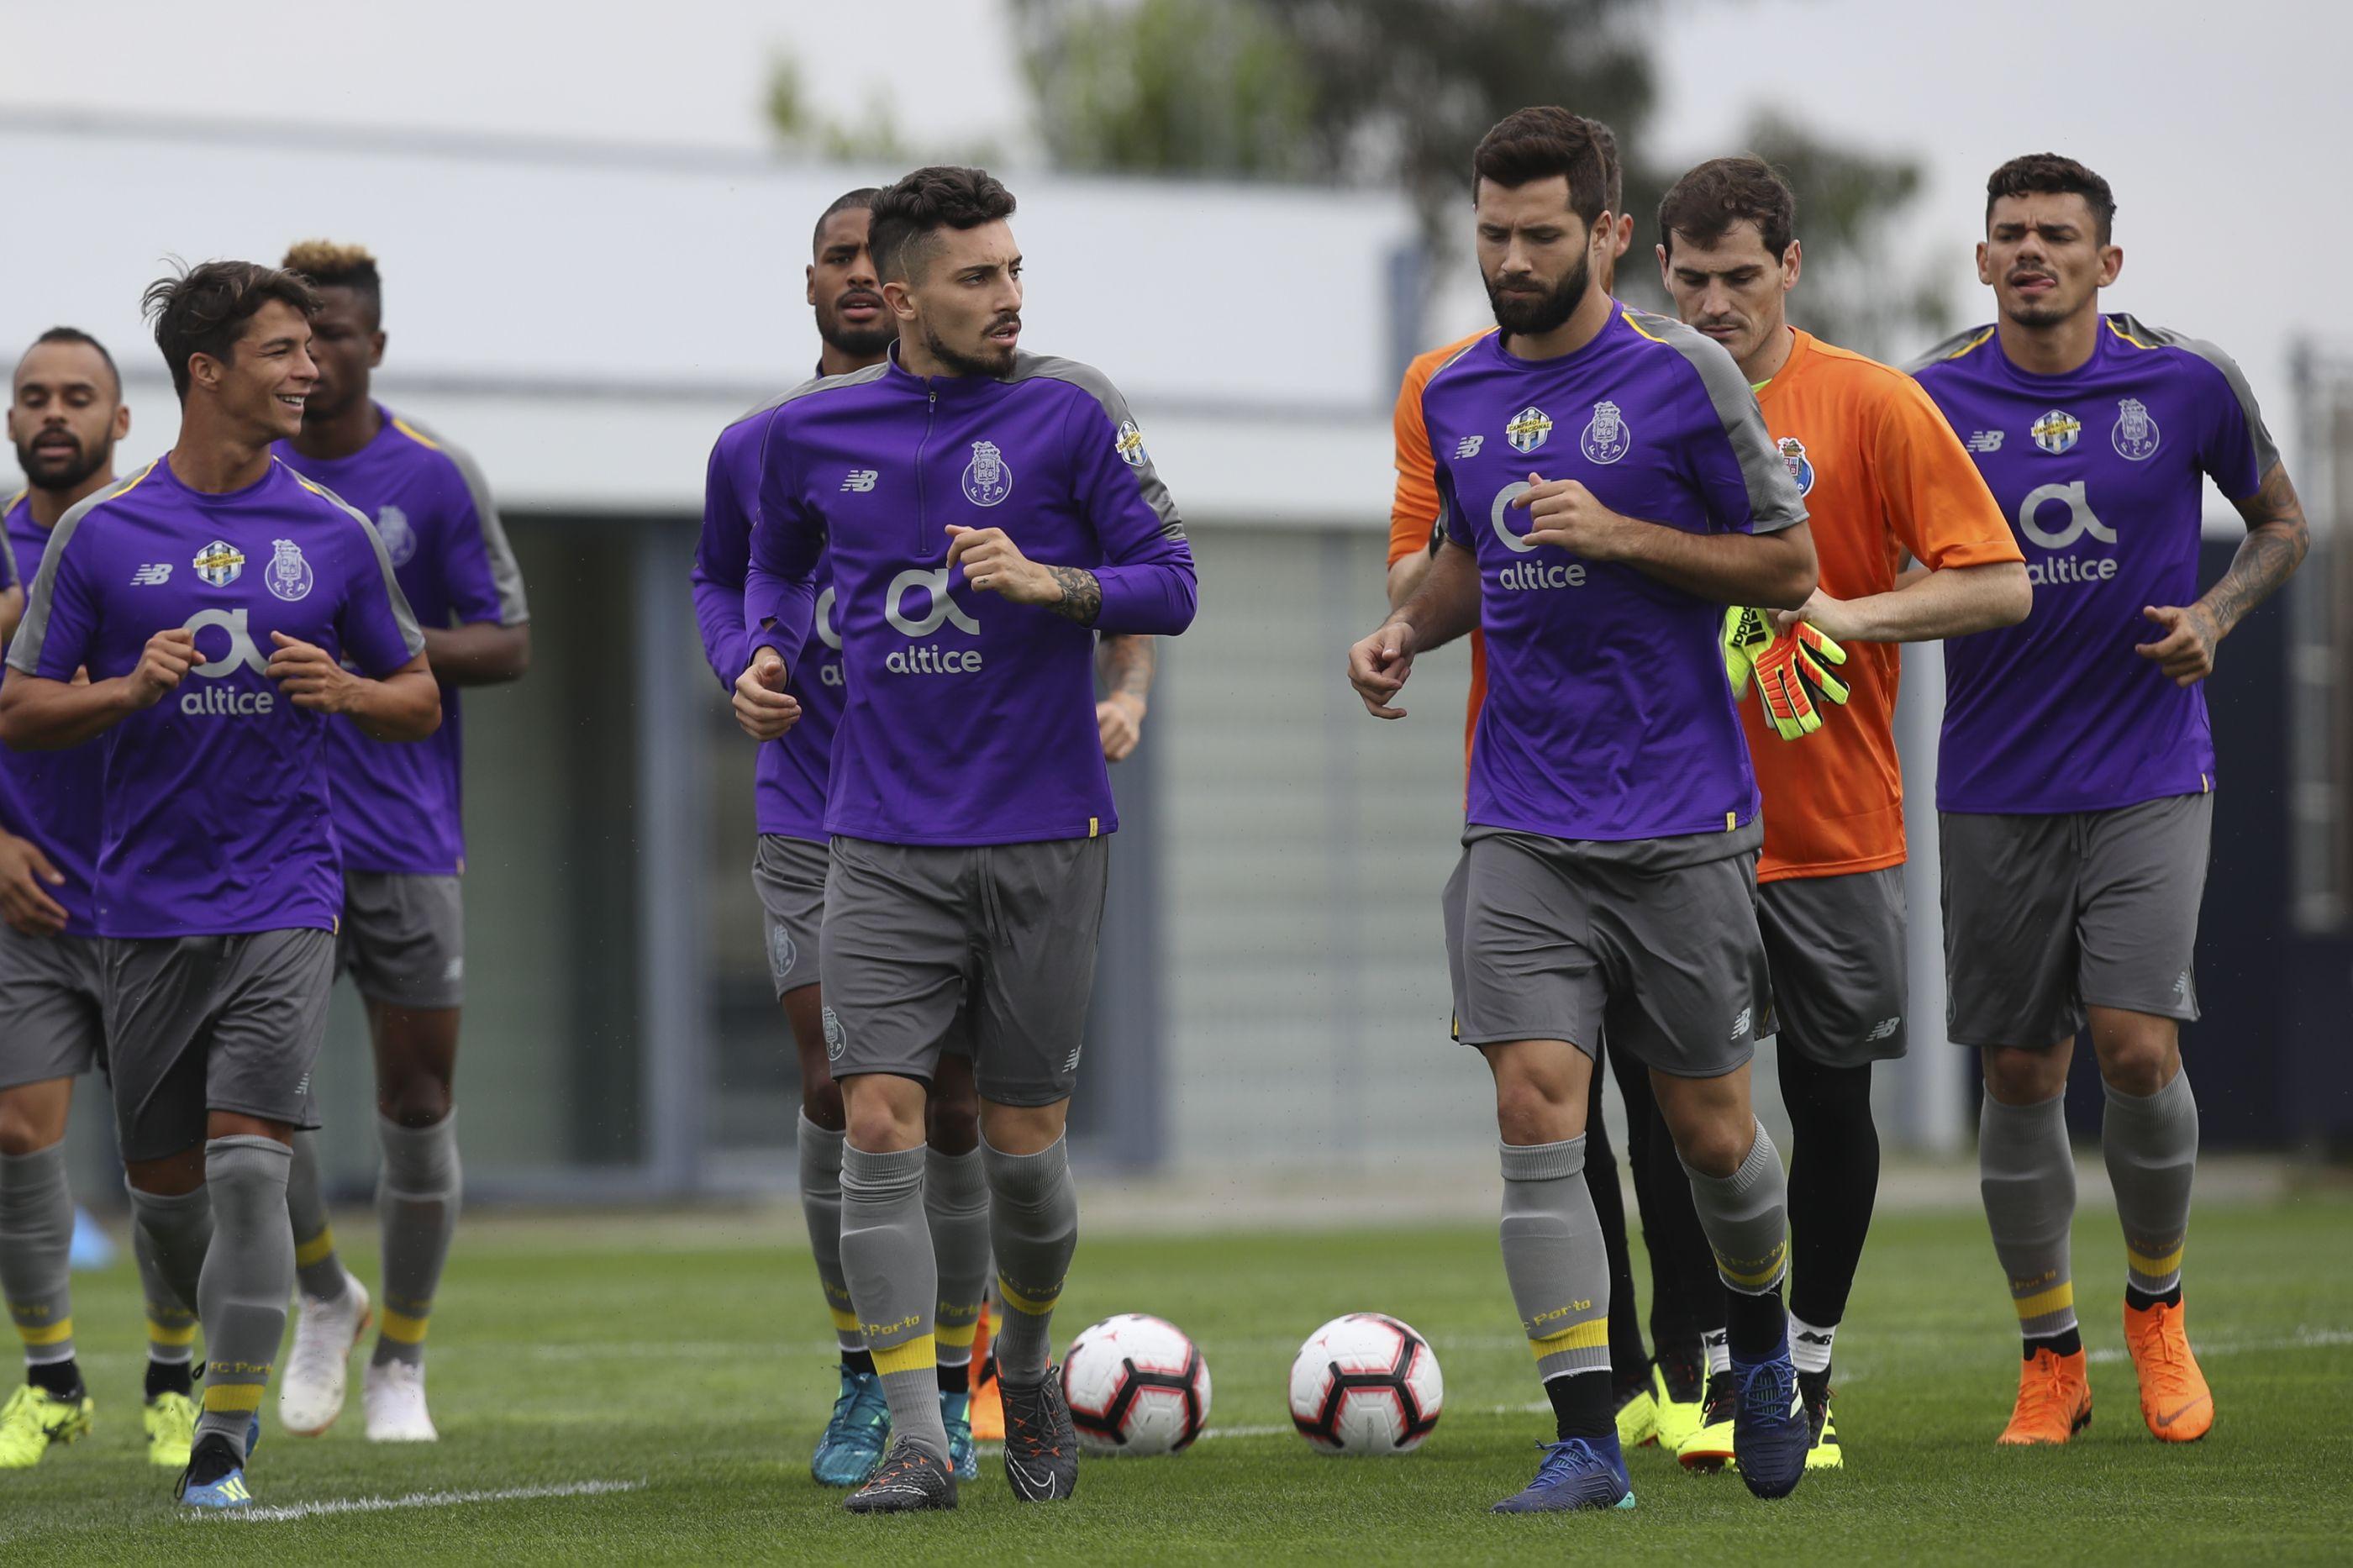 Plantel do FC Porto foi sujeito a controlo anti-doping surpresa